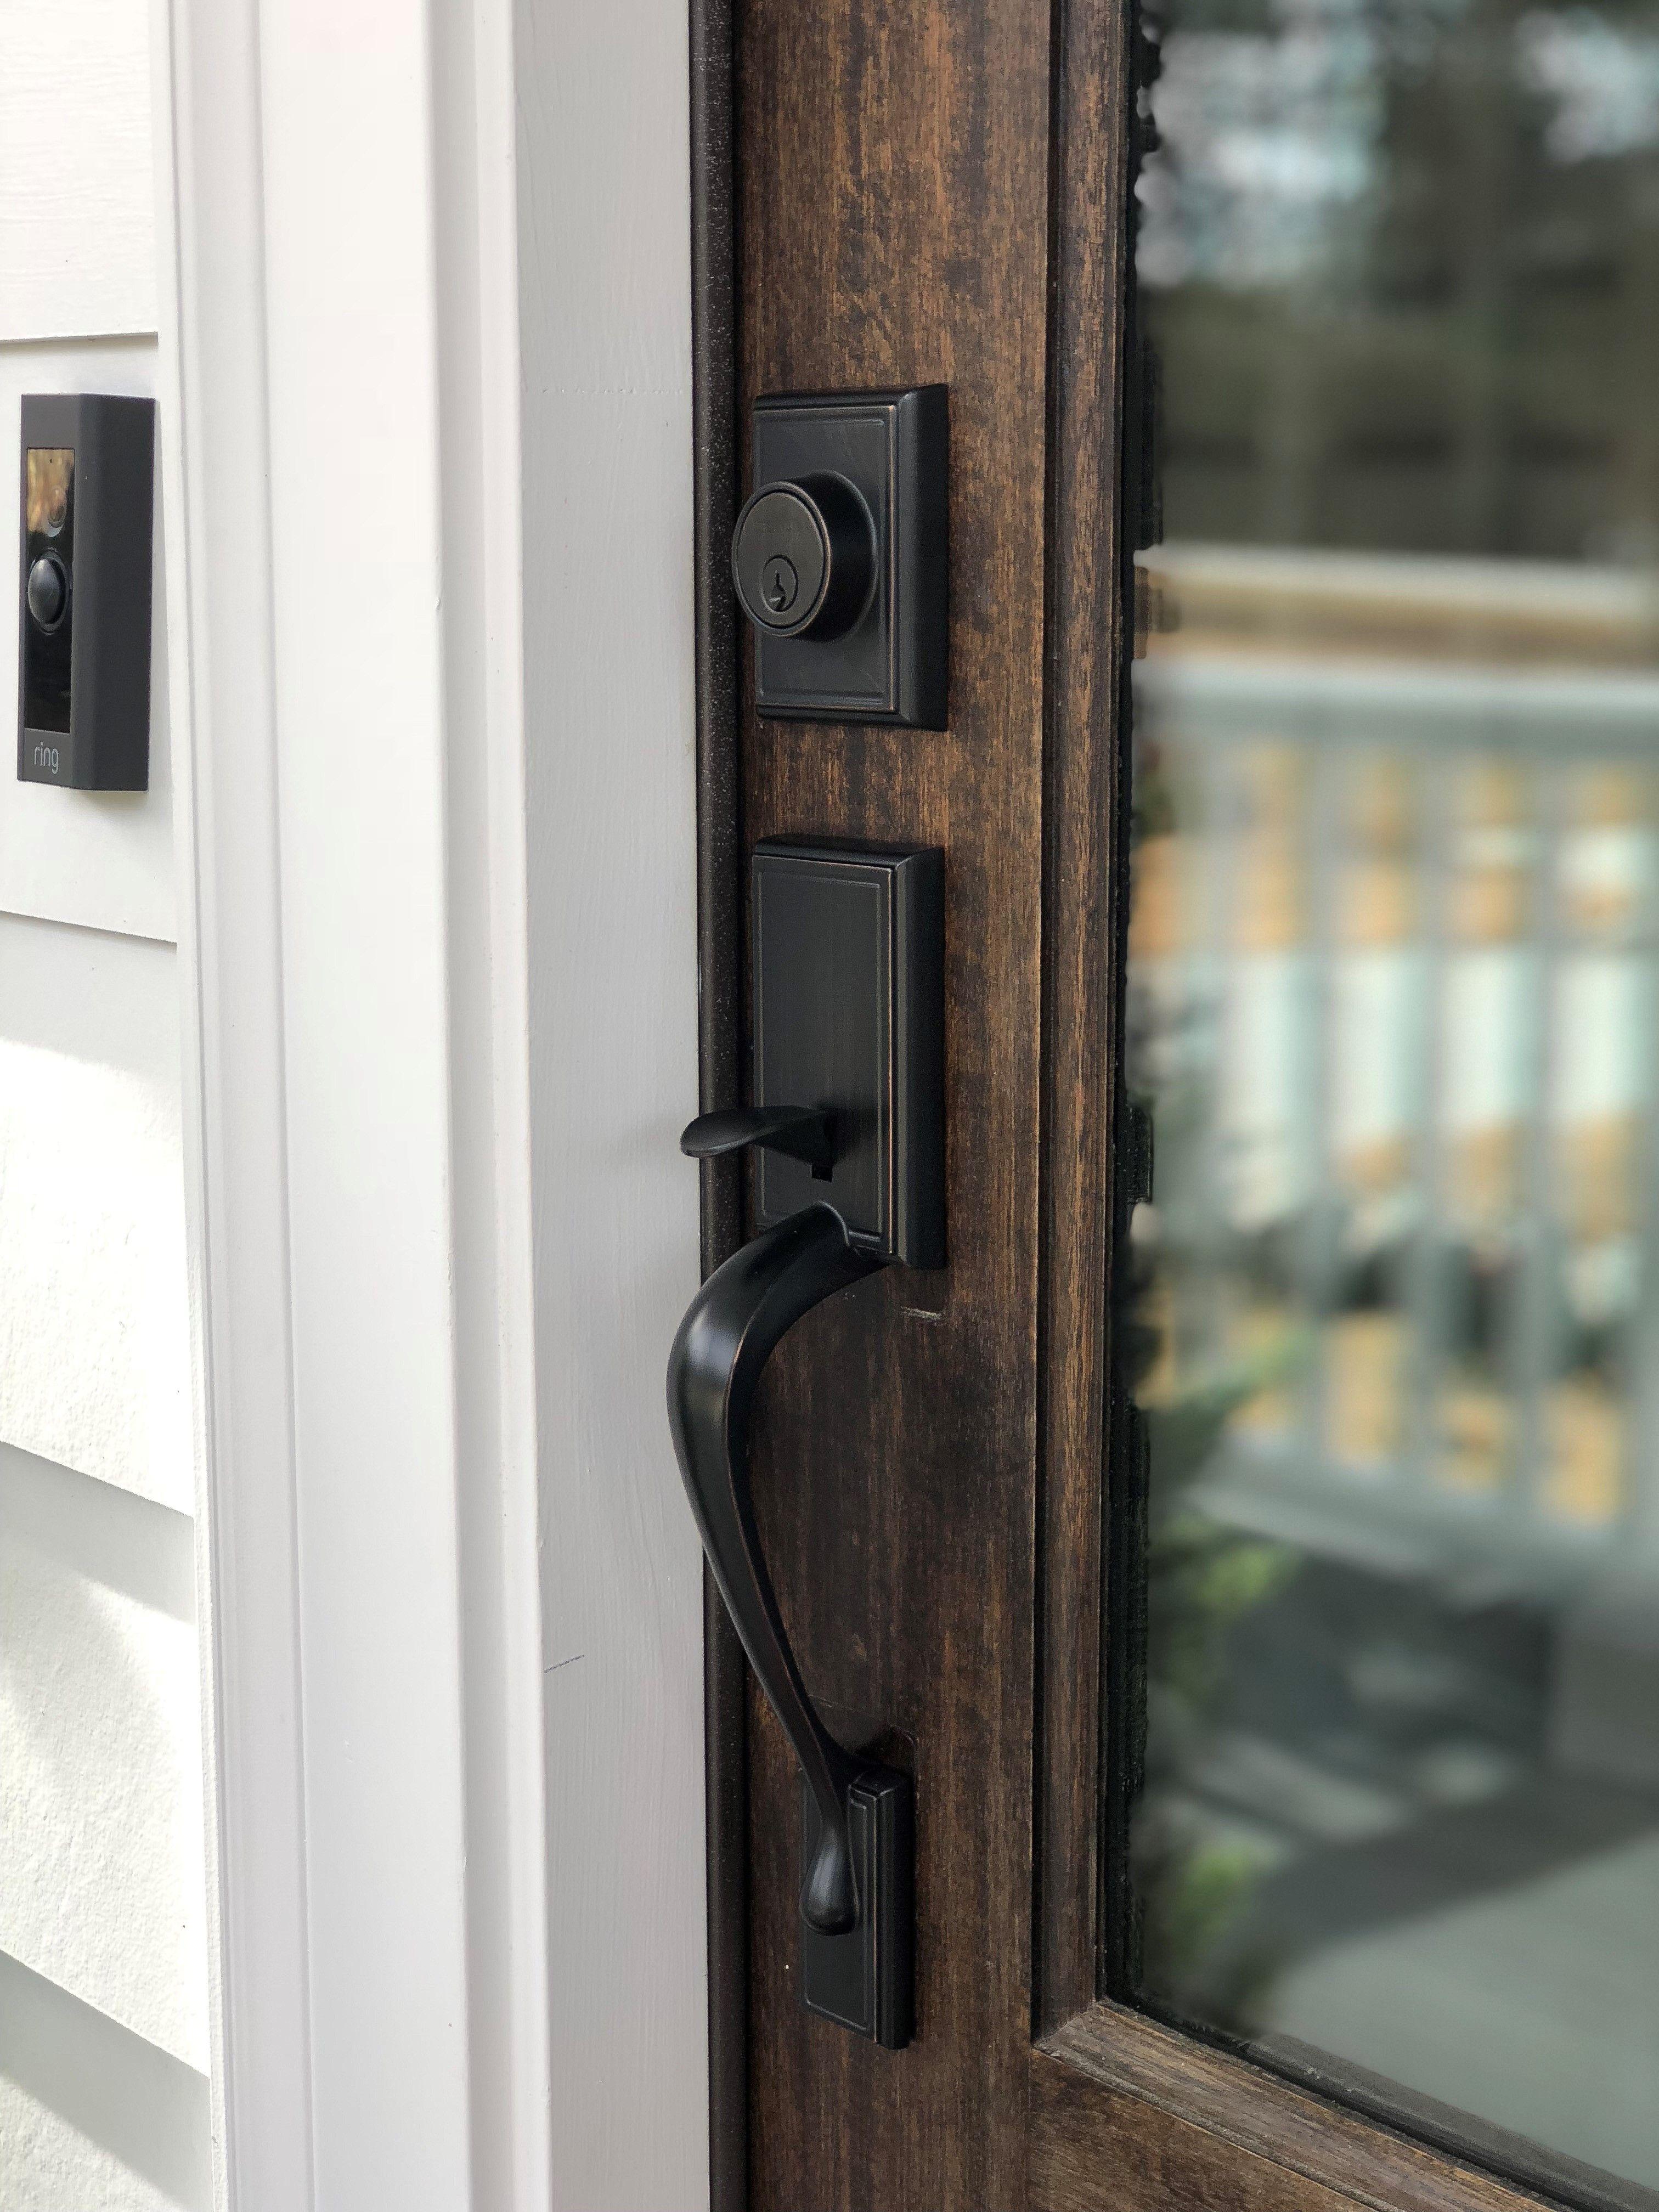 Traditional or Farmhouse Style Farmhouse style, Doors